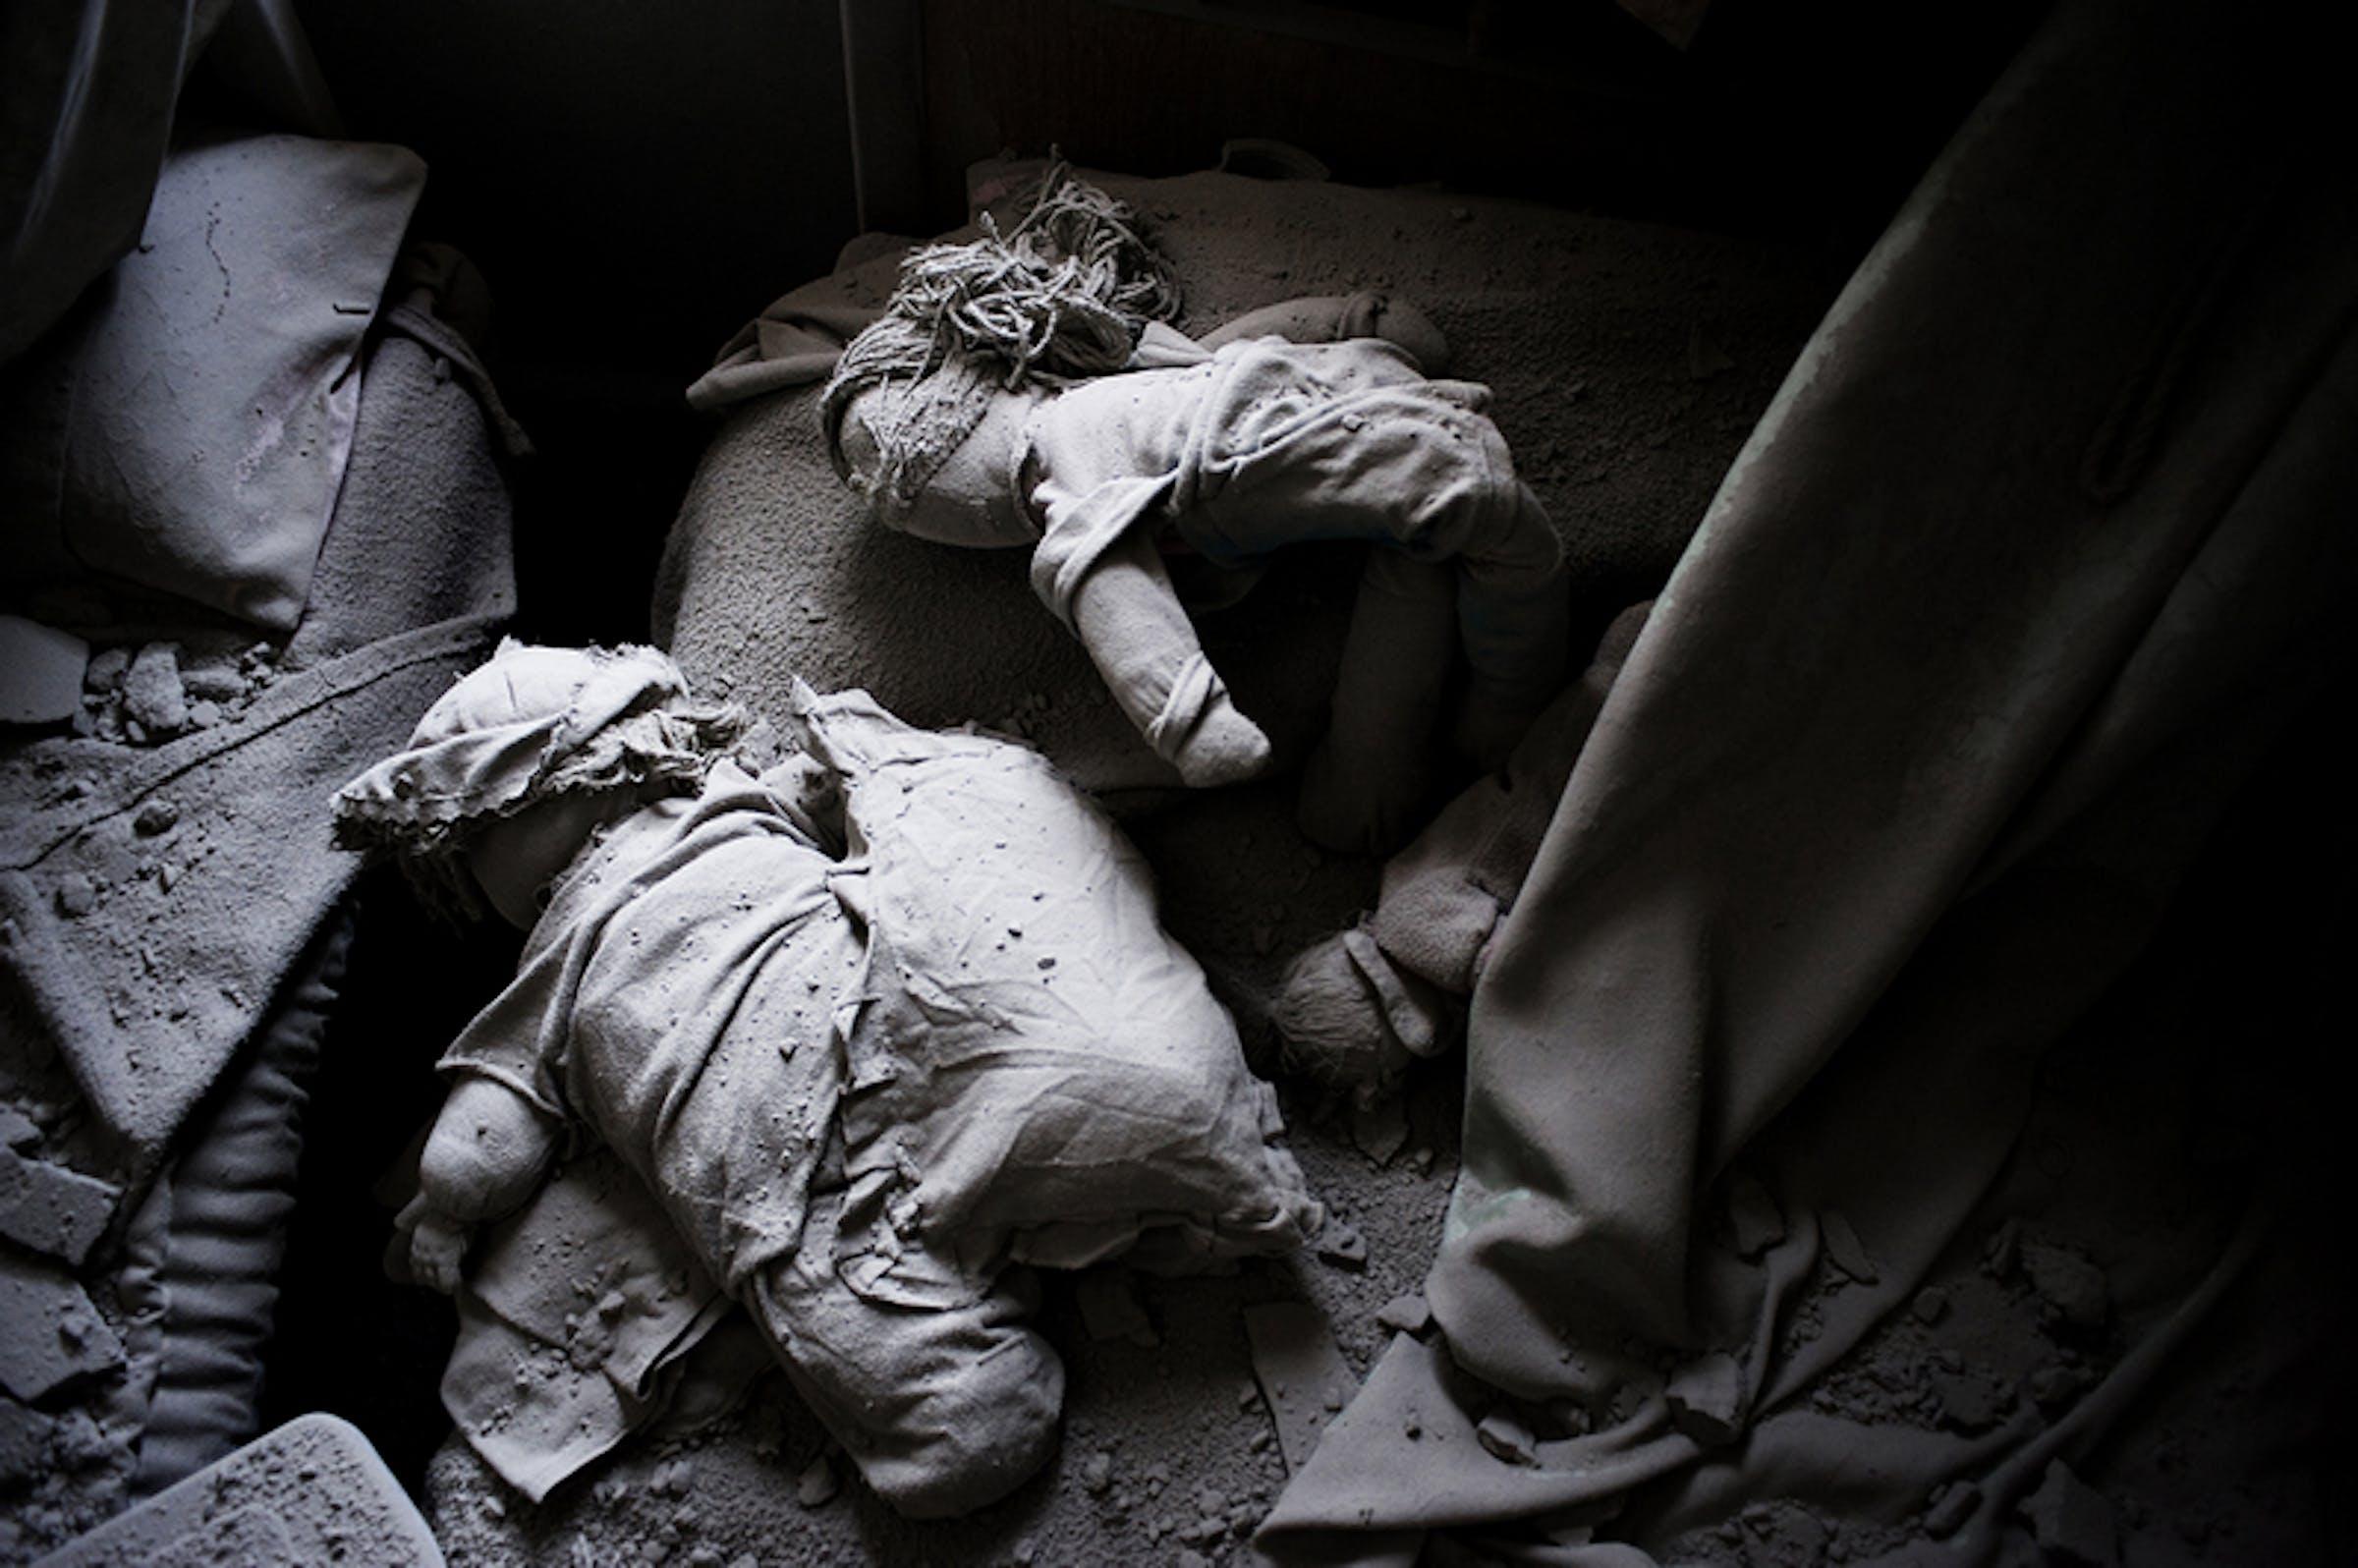 Bambole tra le macerie di una abitazione bombardata in una città della Siria - ©UNICEF/NYHQ2012-0207/A.Romenzi